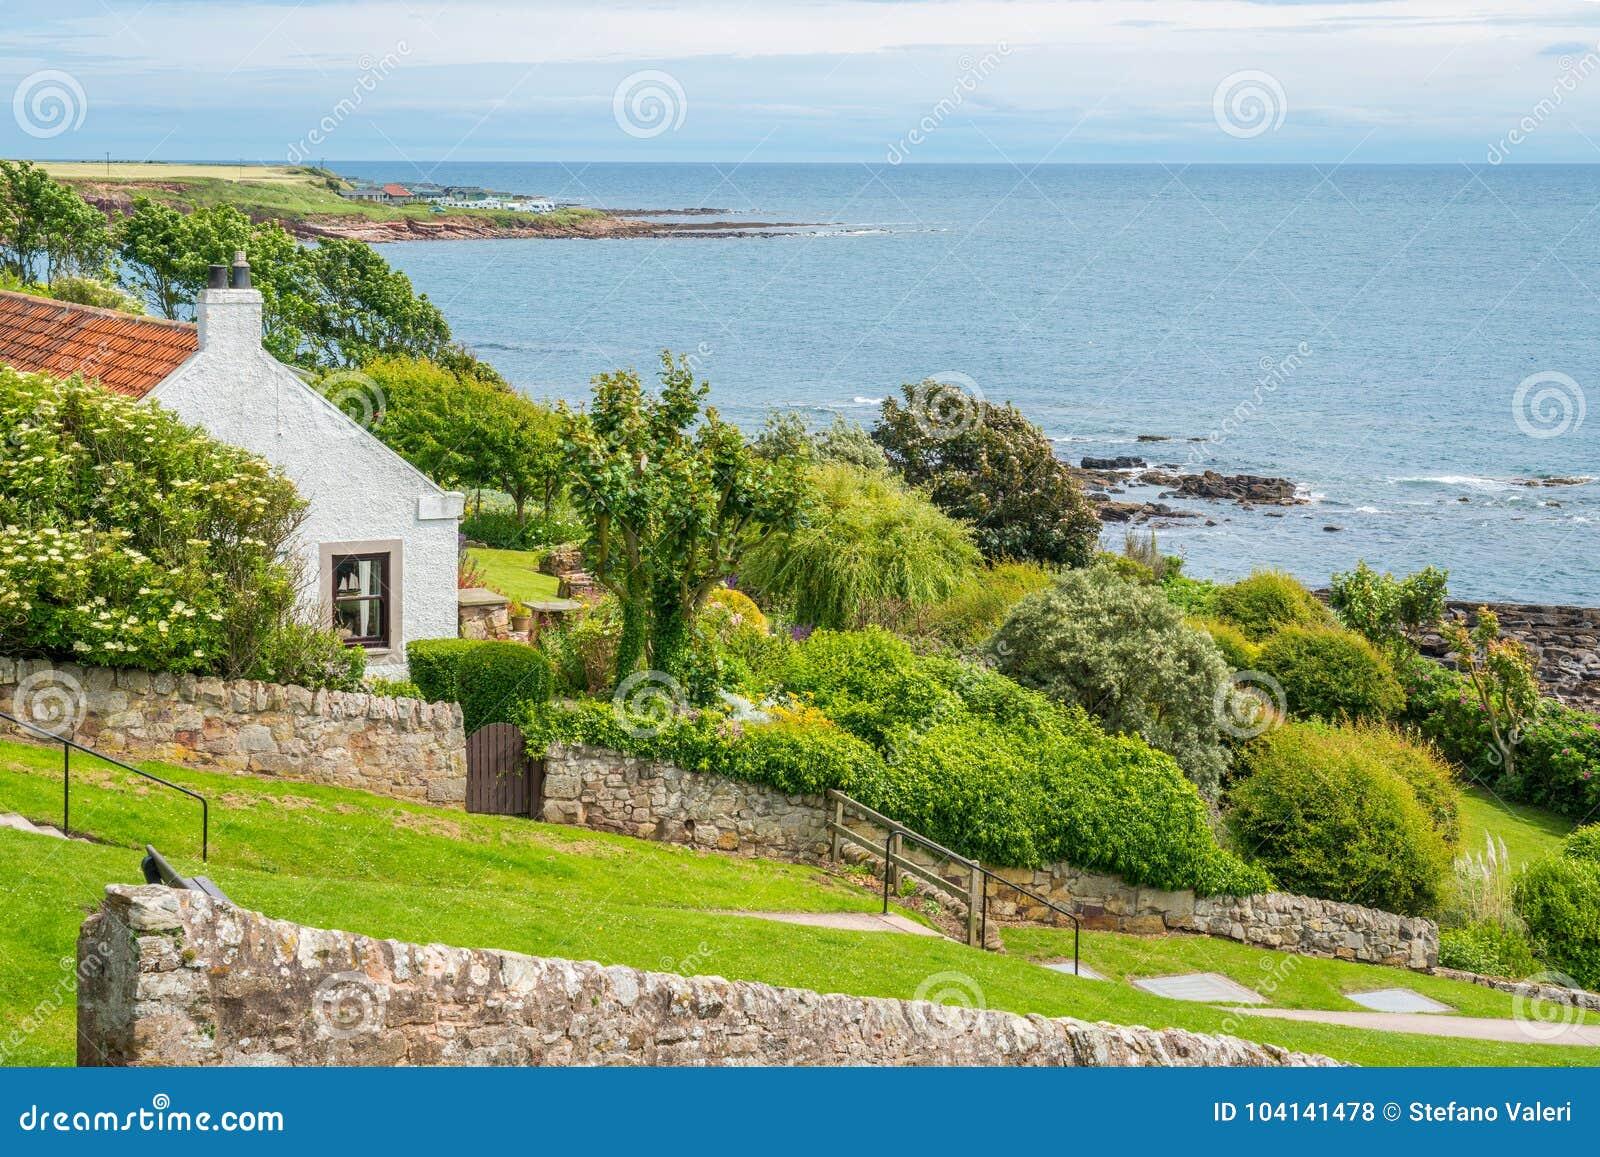 Scenic sight in Crail, small fishermen village in Fife, Scotland.